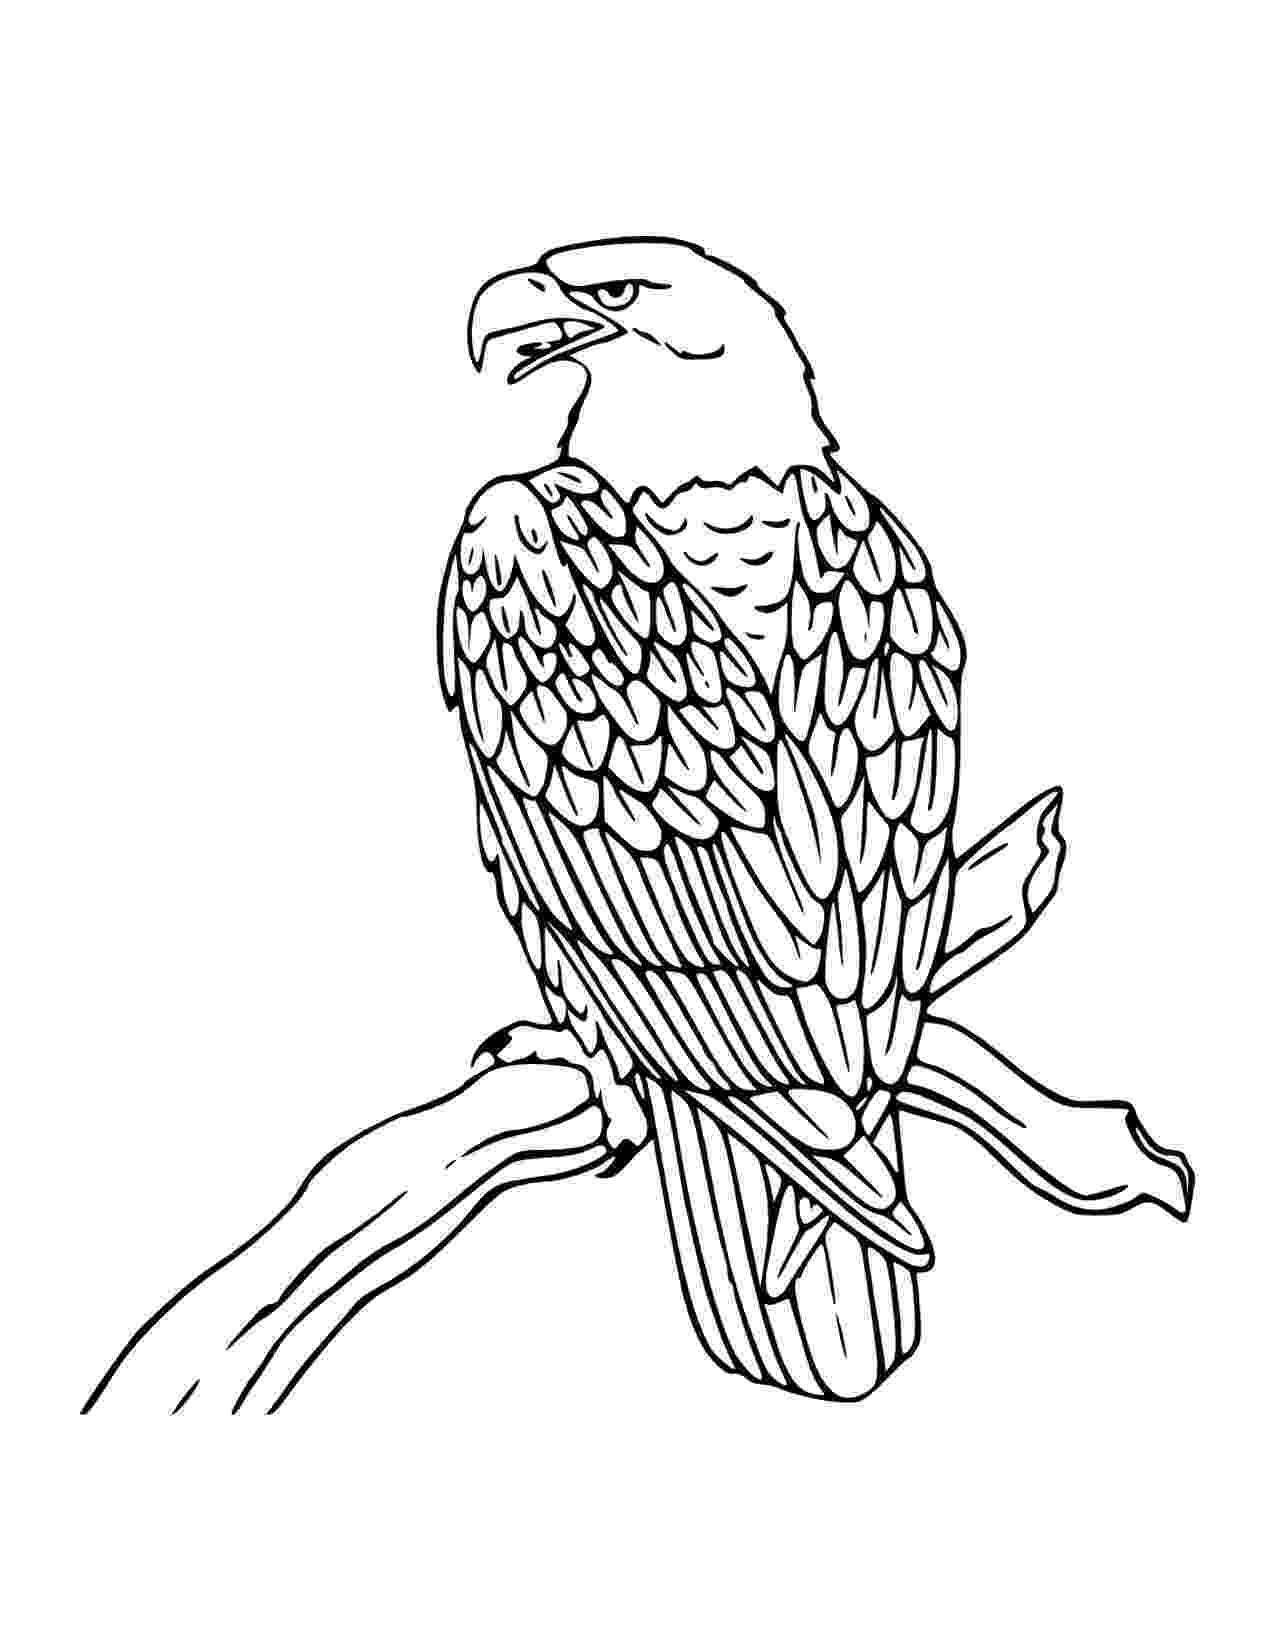 bald eagle coloring free printable bald eagle coloring pages for kids eagle bald coloring